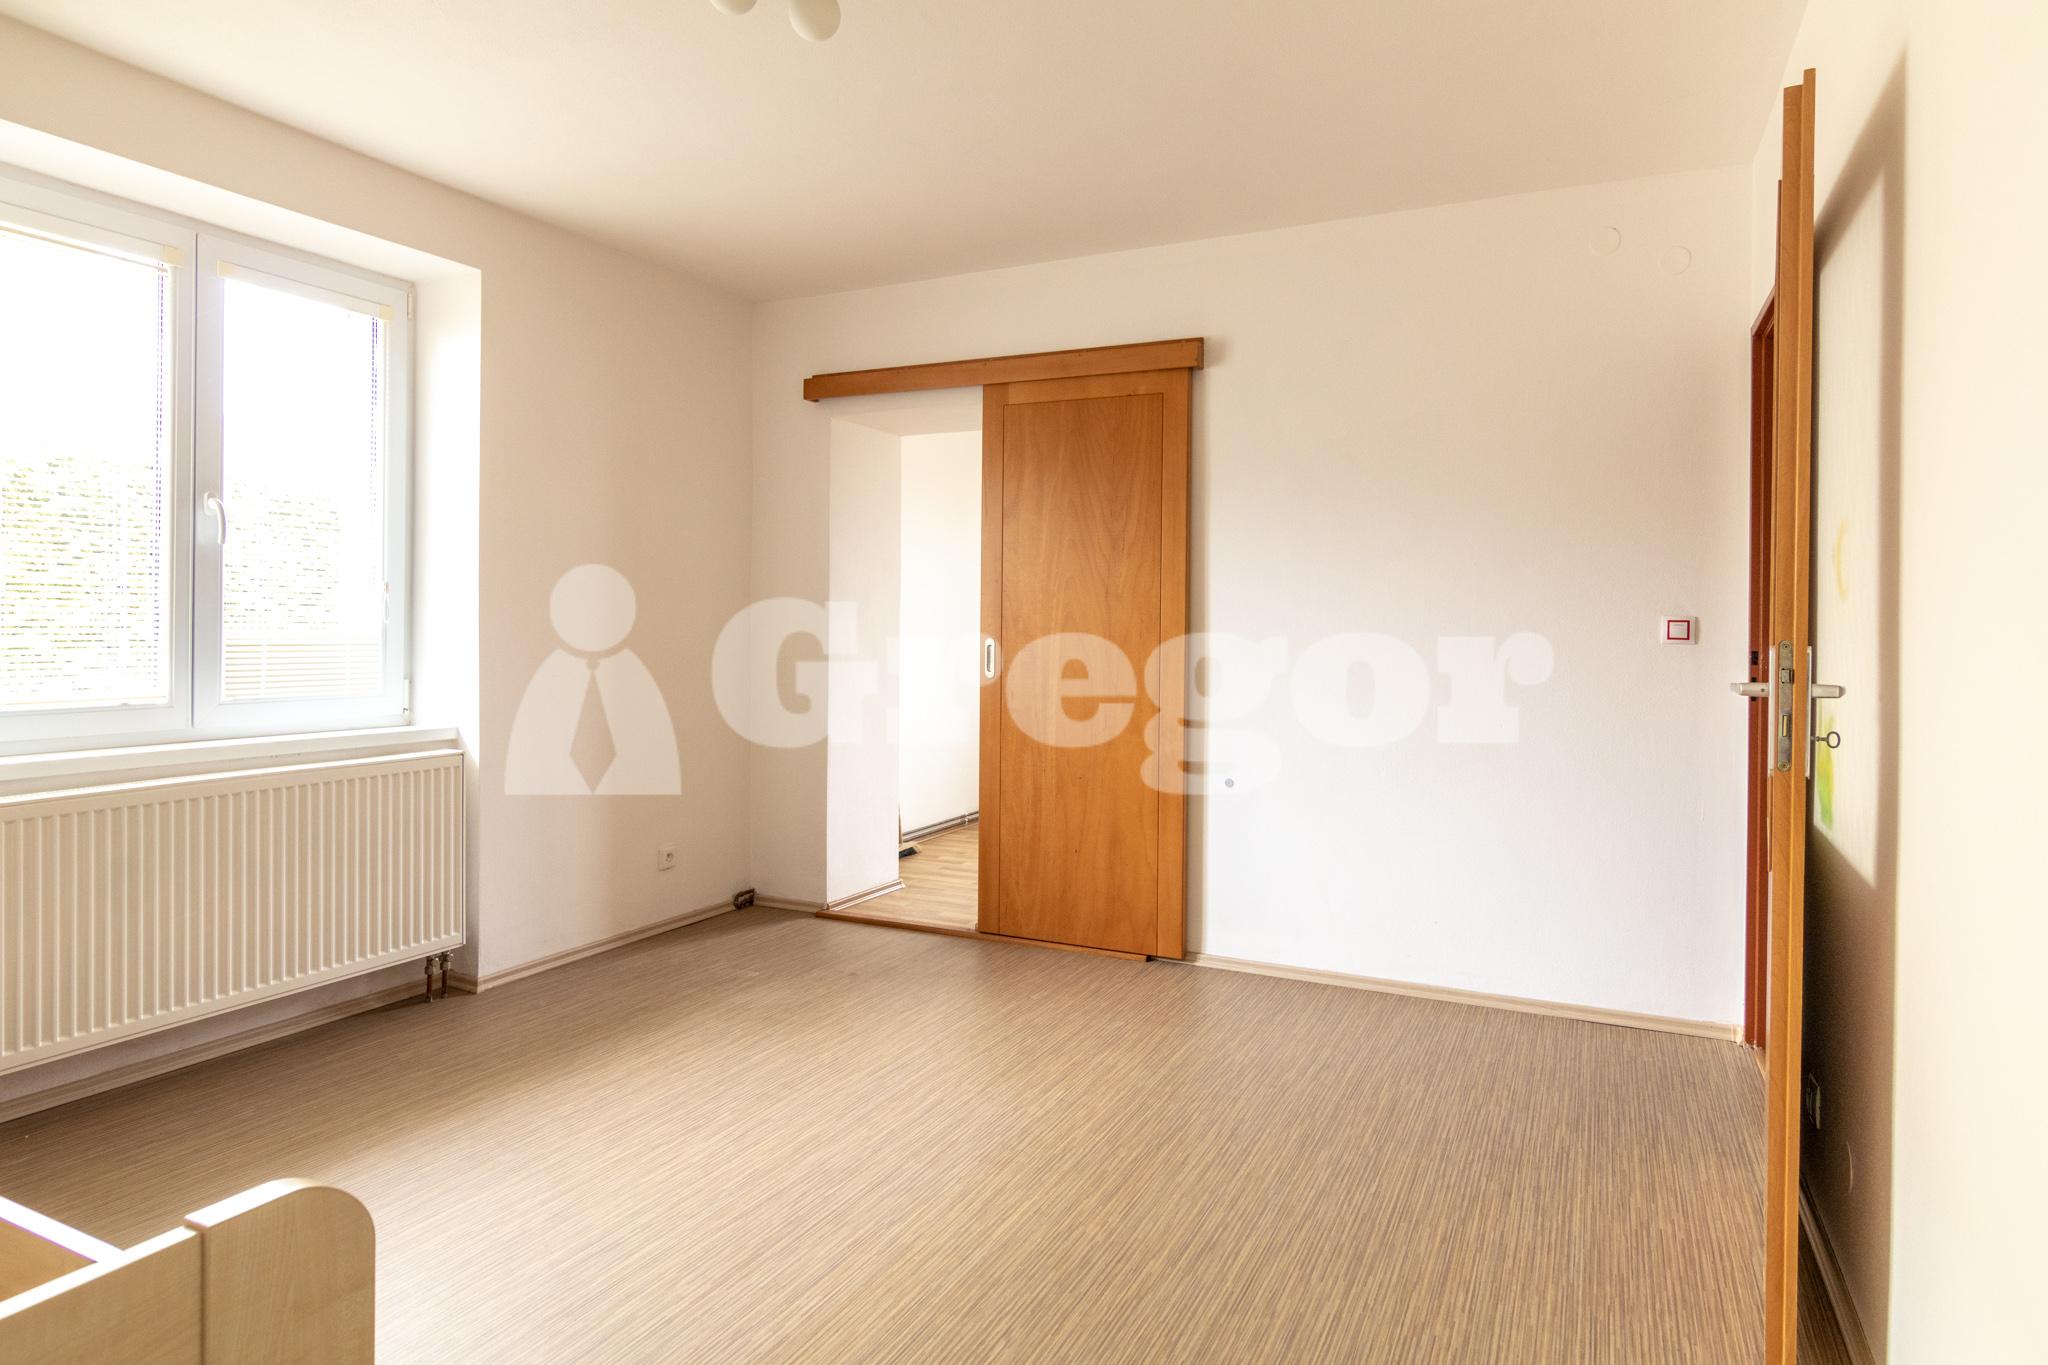 Rodinný dům Drásov - pokoj